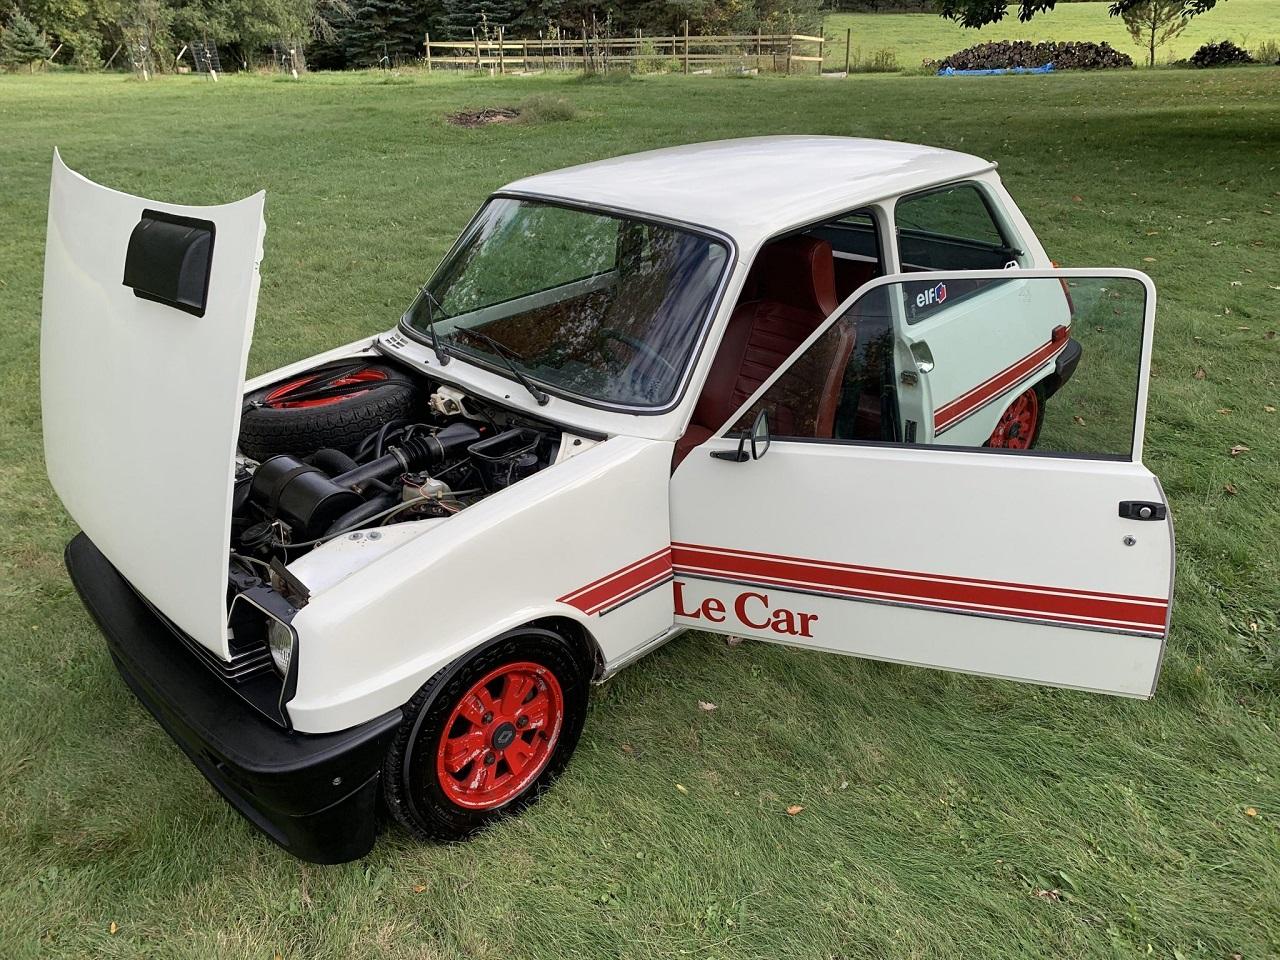 '79 Renault 5 Le Car - A la conquête de l'Amérique ! 1